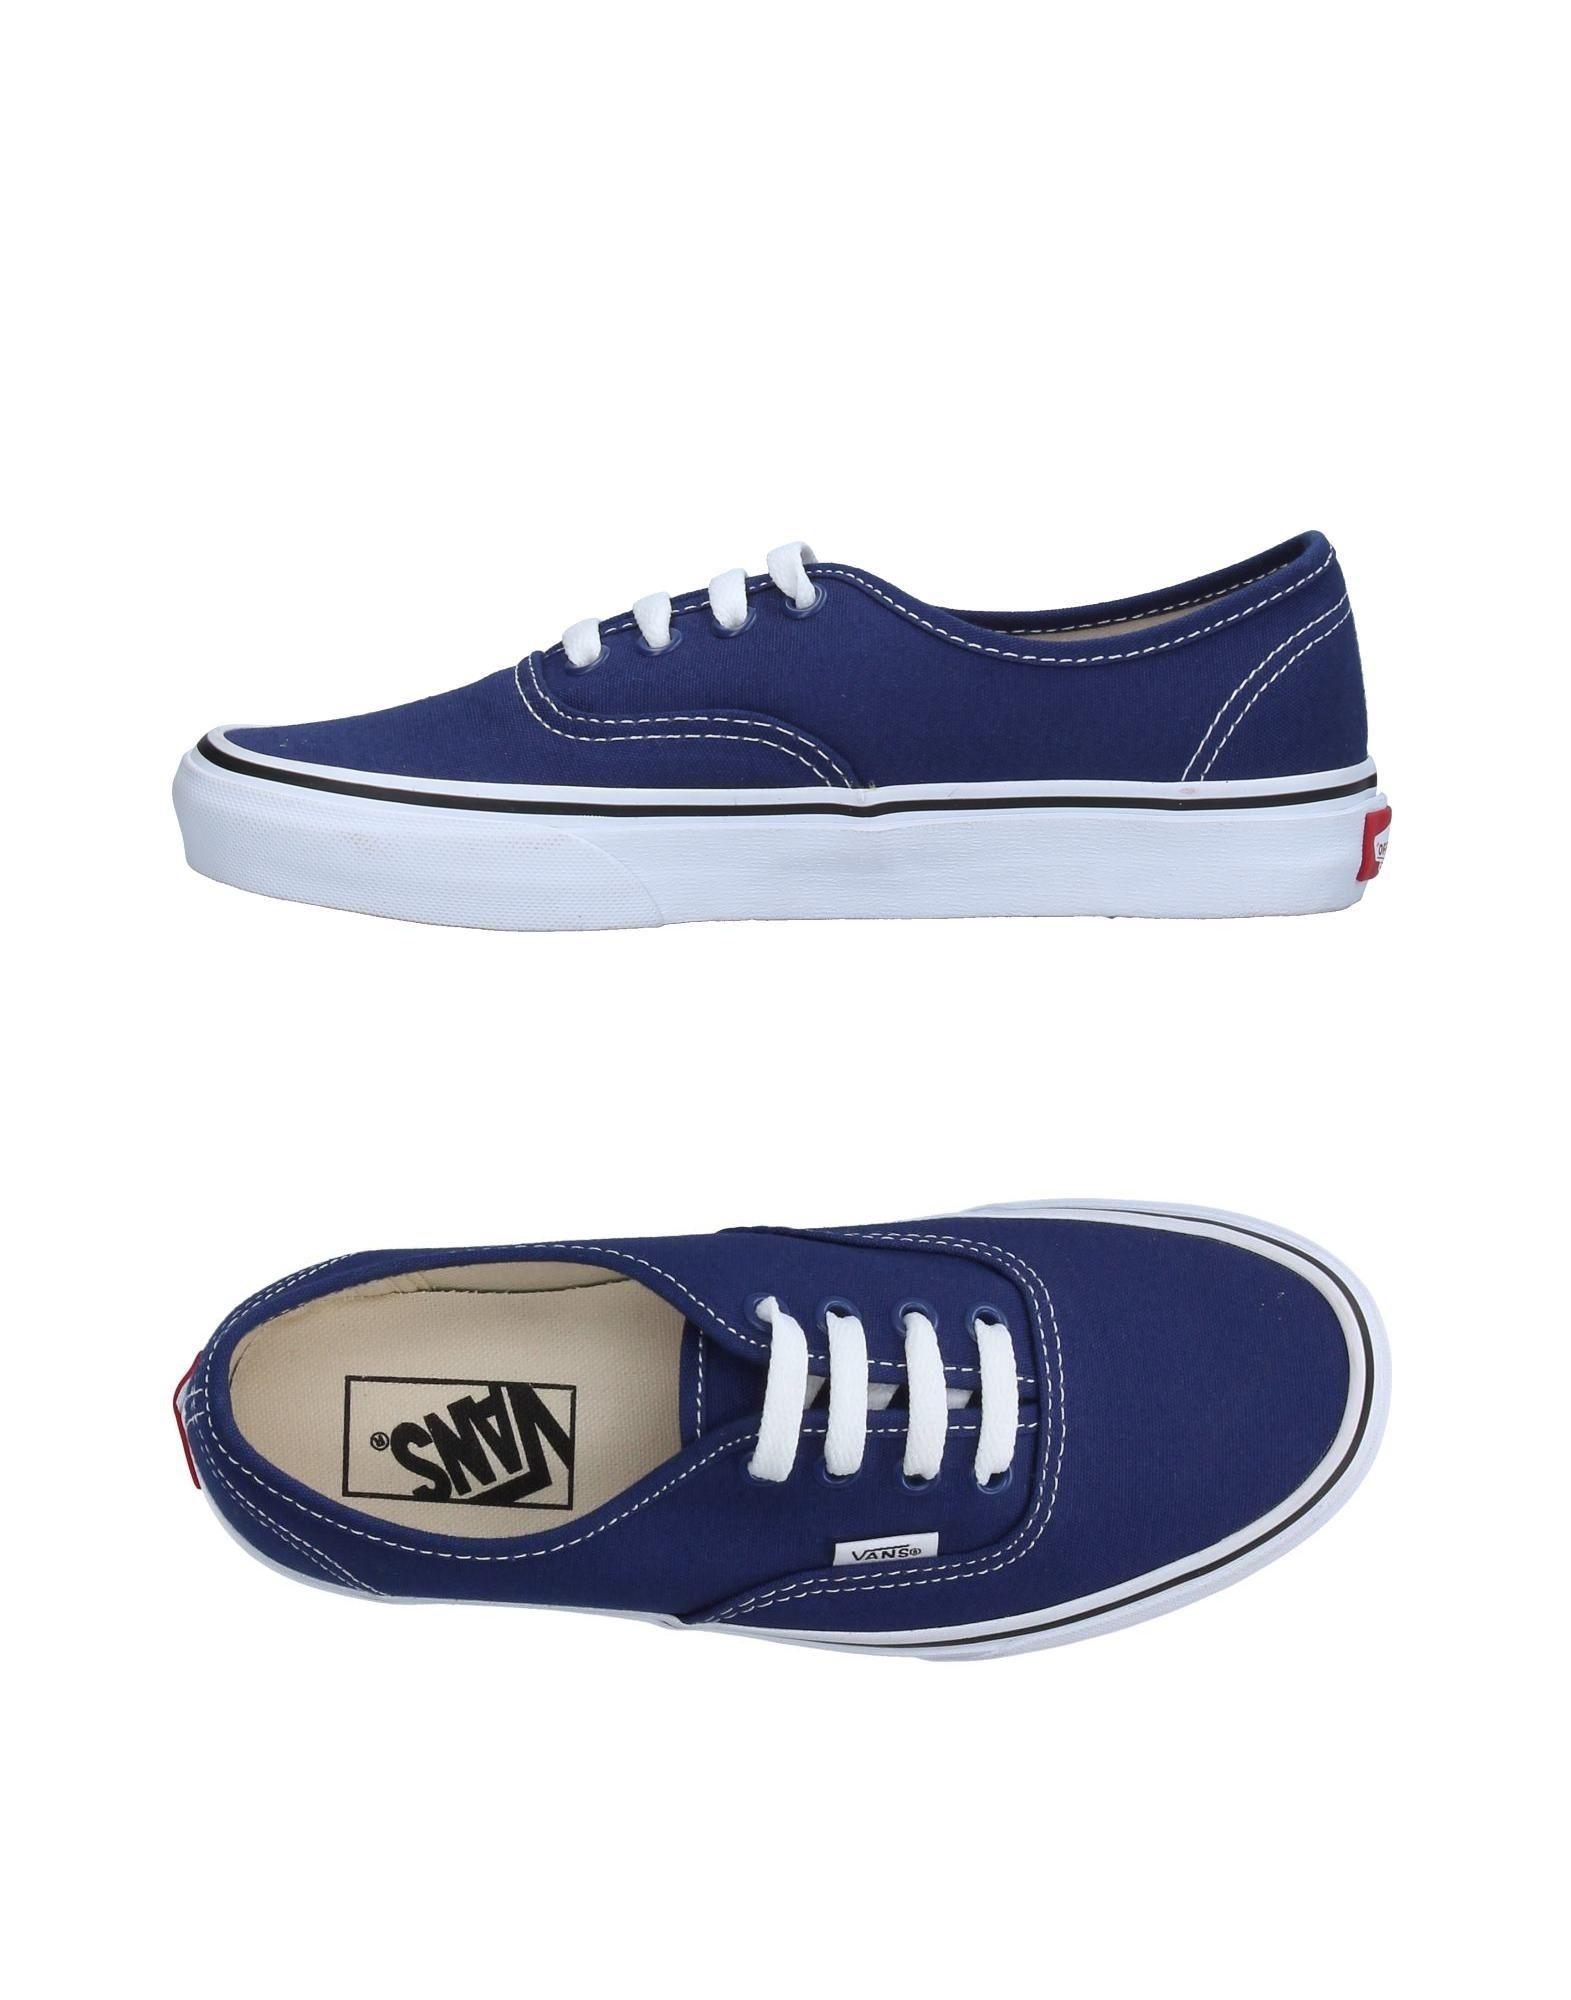 Zapato Ebarrito De Cordones Ebarrito Mujer - Zapatos De Cordones Ebarrito Zapato  Azul oscuro ae26cd